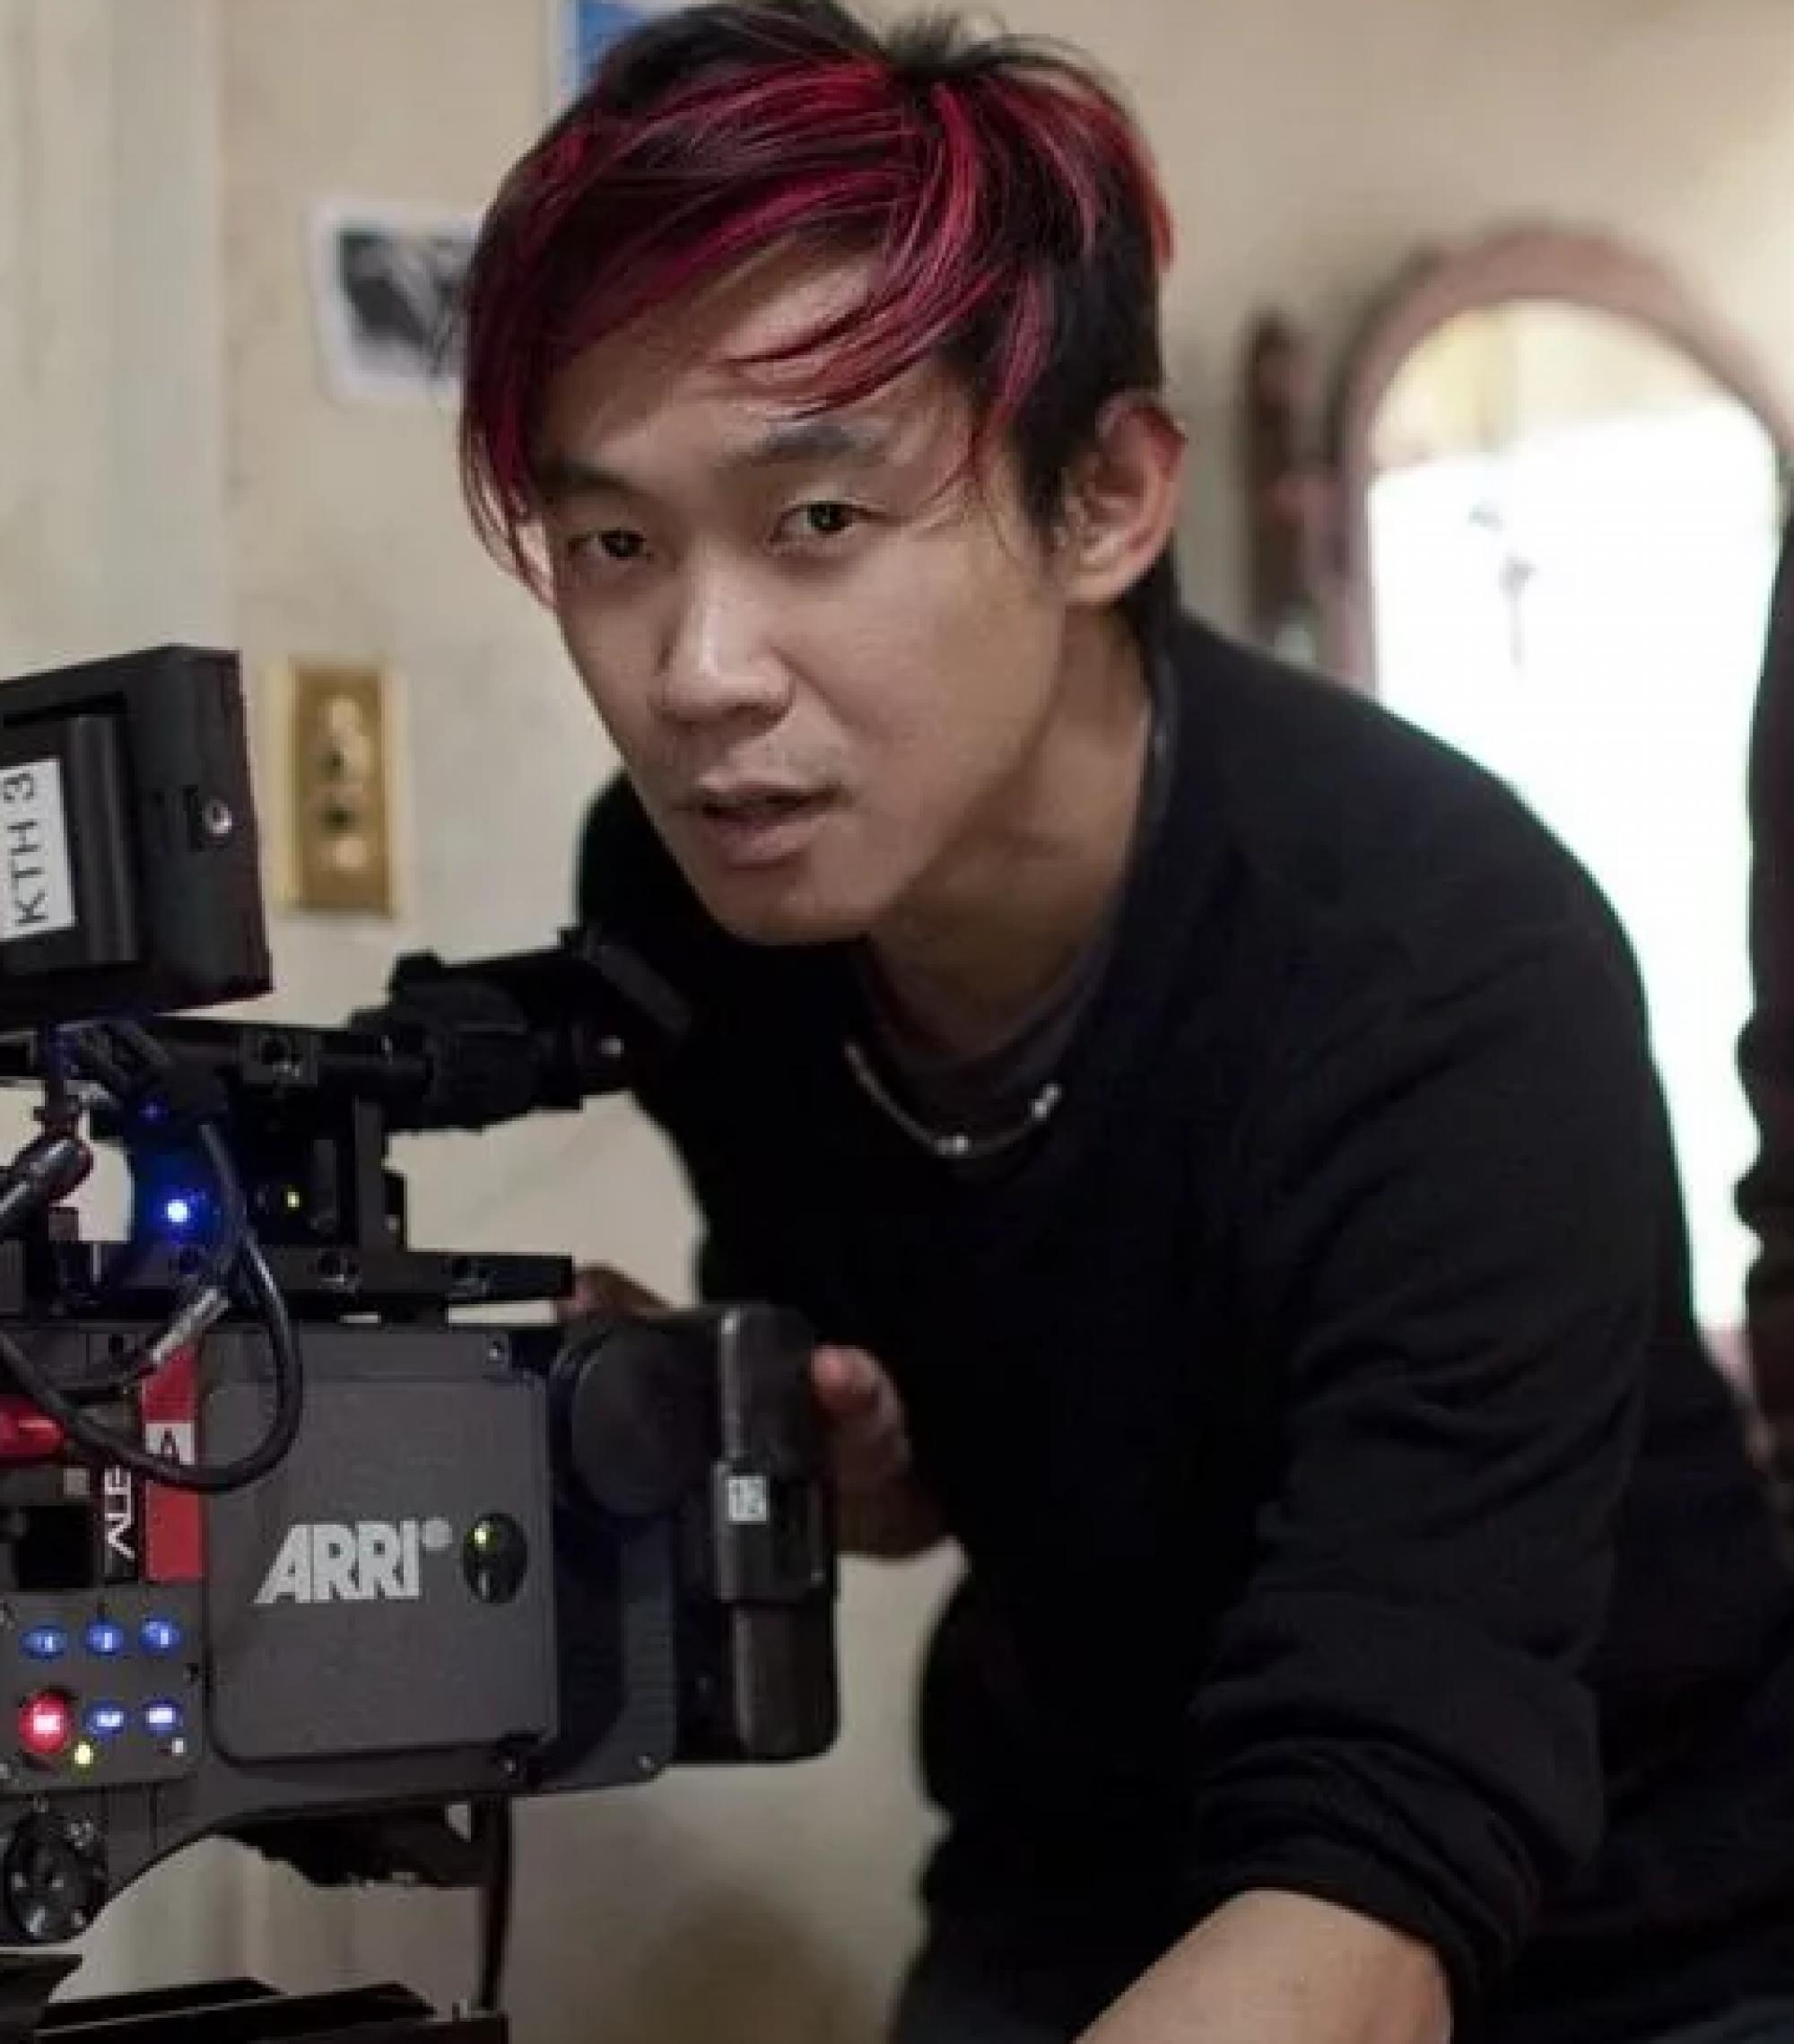 Автор «Пилы» и «Астрала» готовится экранизировать хоррор-подкаст для Netflix